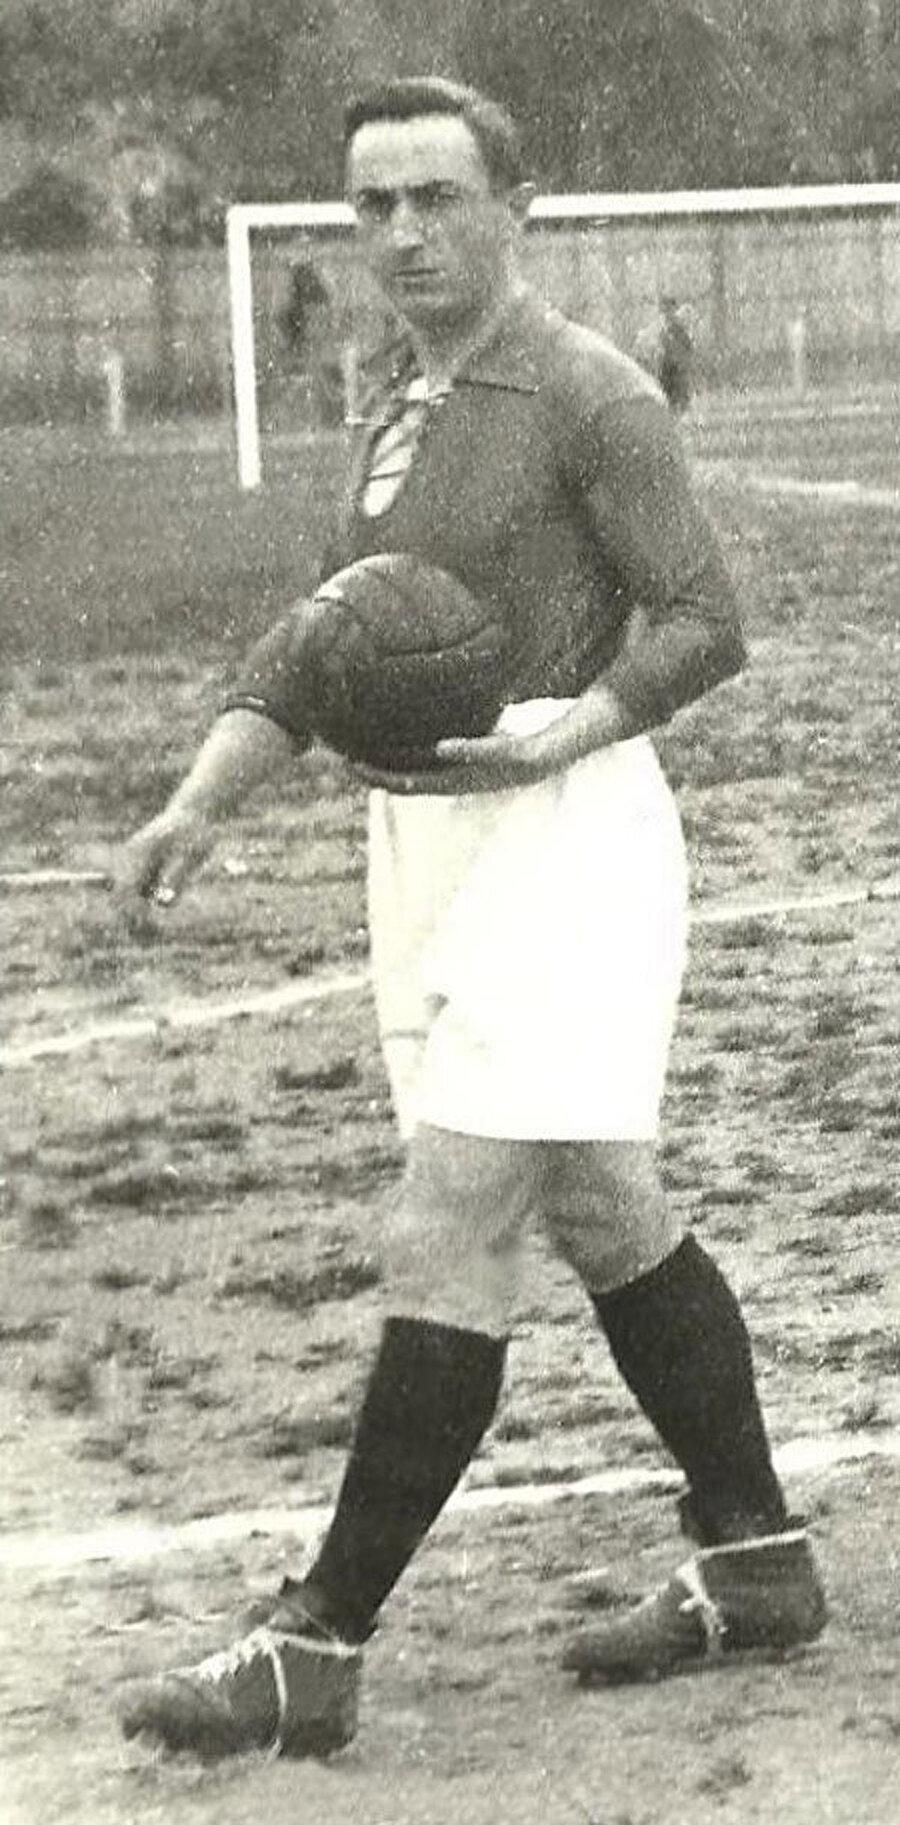 Zeki Rıza, 28 Şubat 1898'de İstanbul'da dünyaya geldi. O yıllarda yaşamak hatta spor yapmak bir hayli zordu.